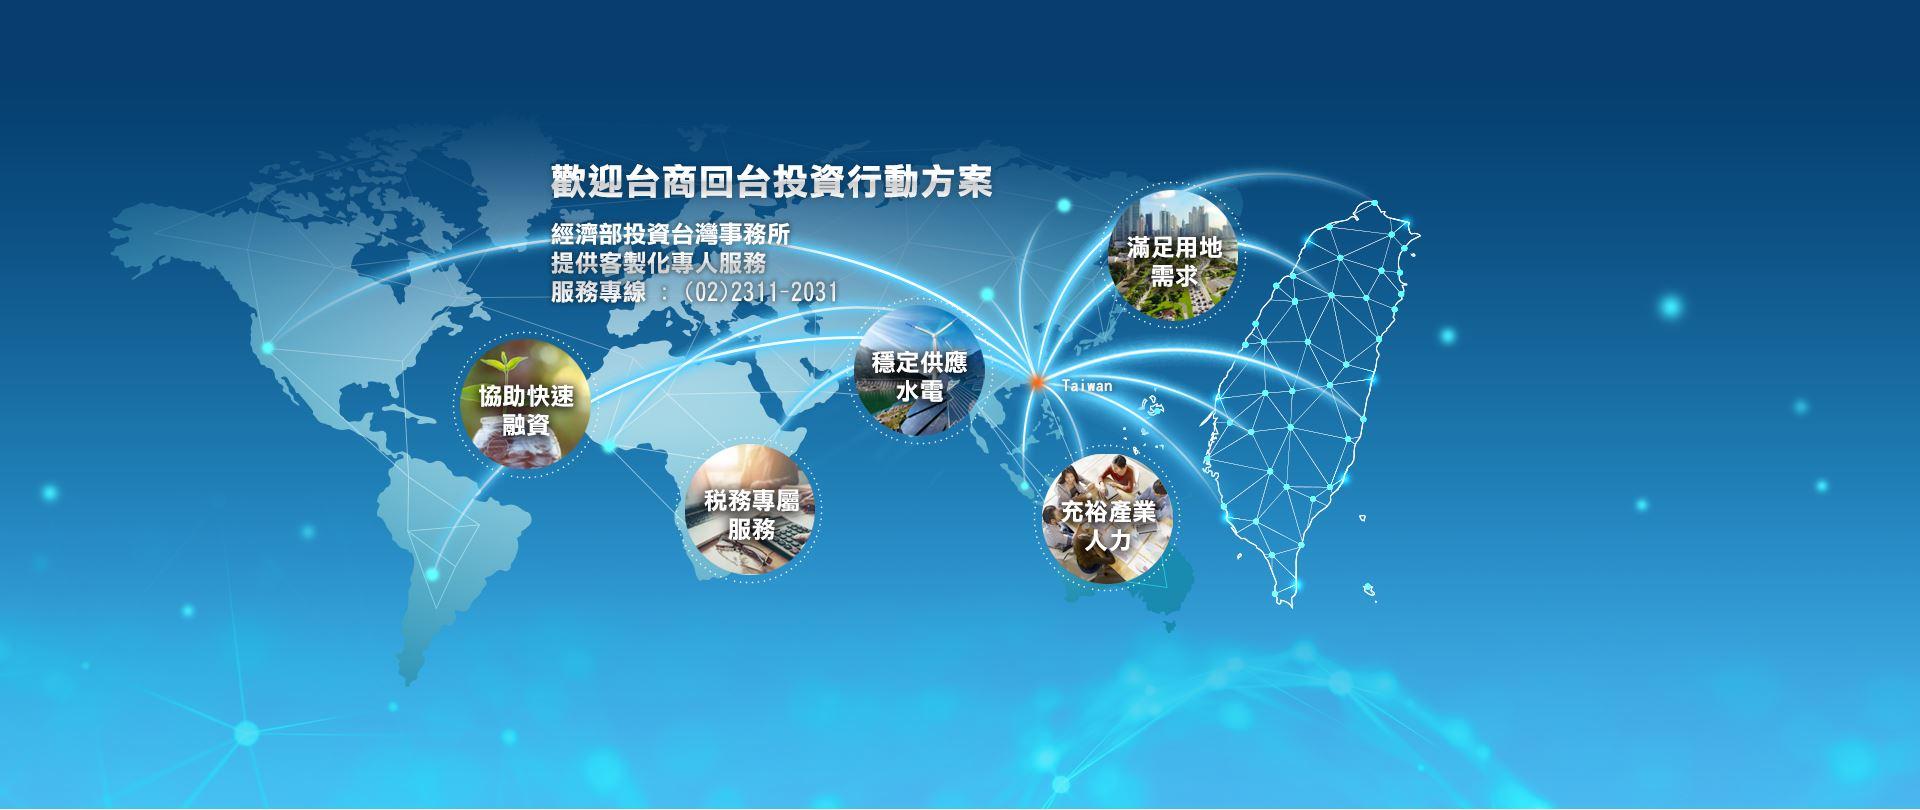 經濟部投資台灣事務所提供客製化專人服務 服務專線 : (02)2311-2031